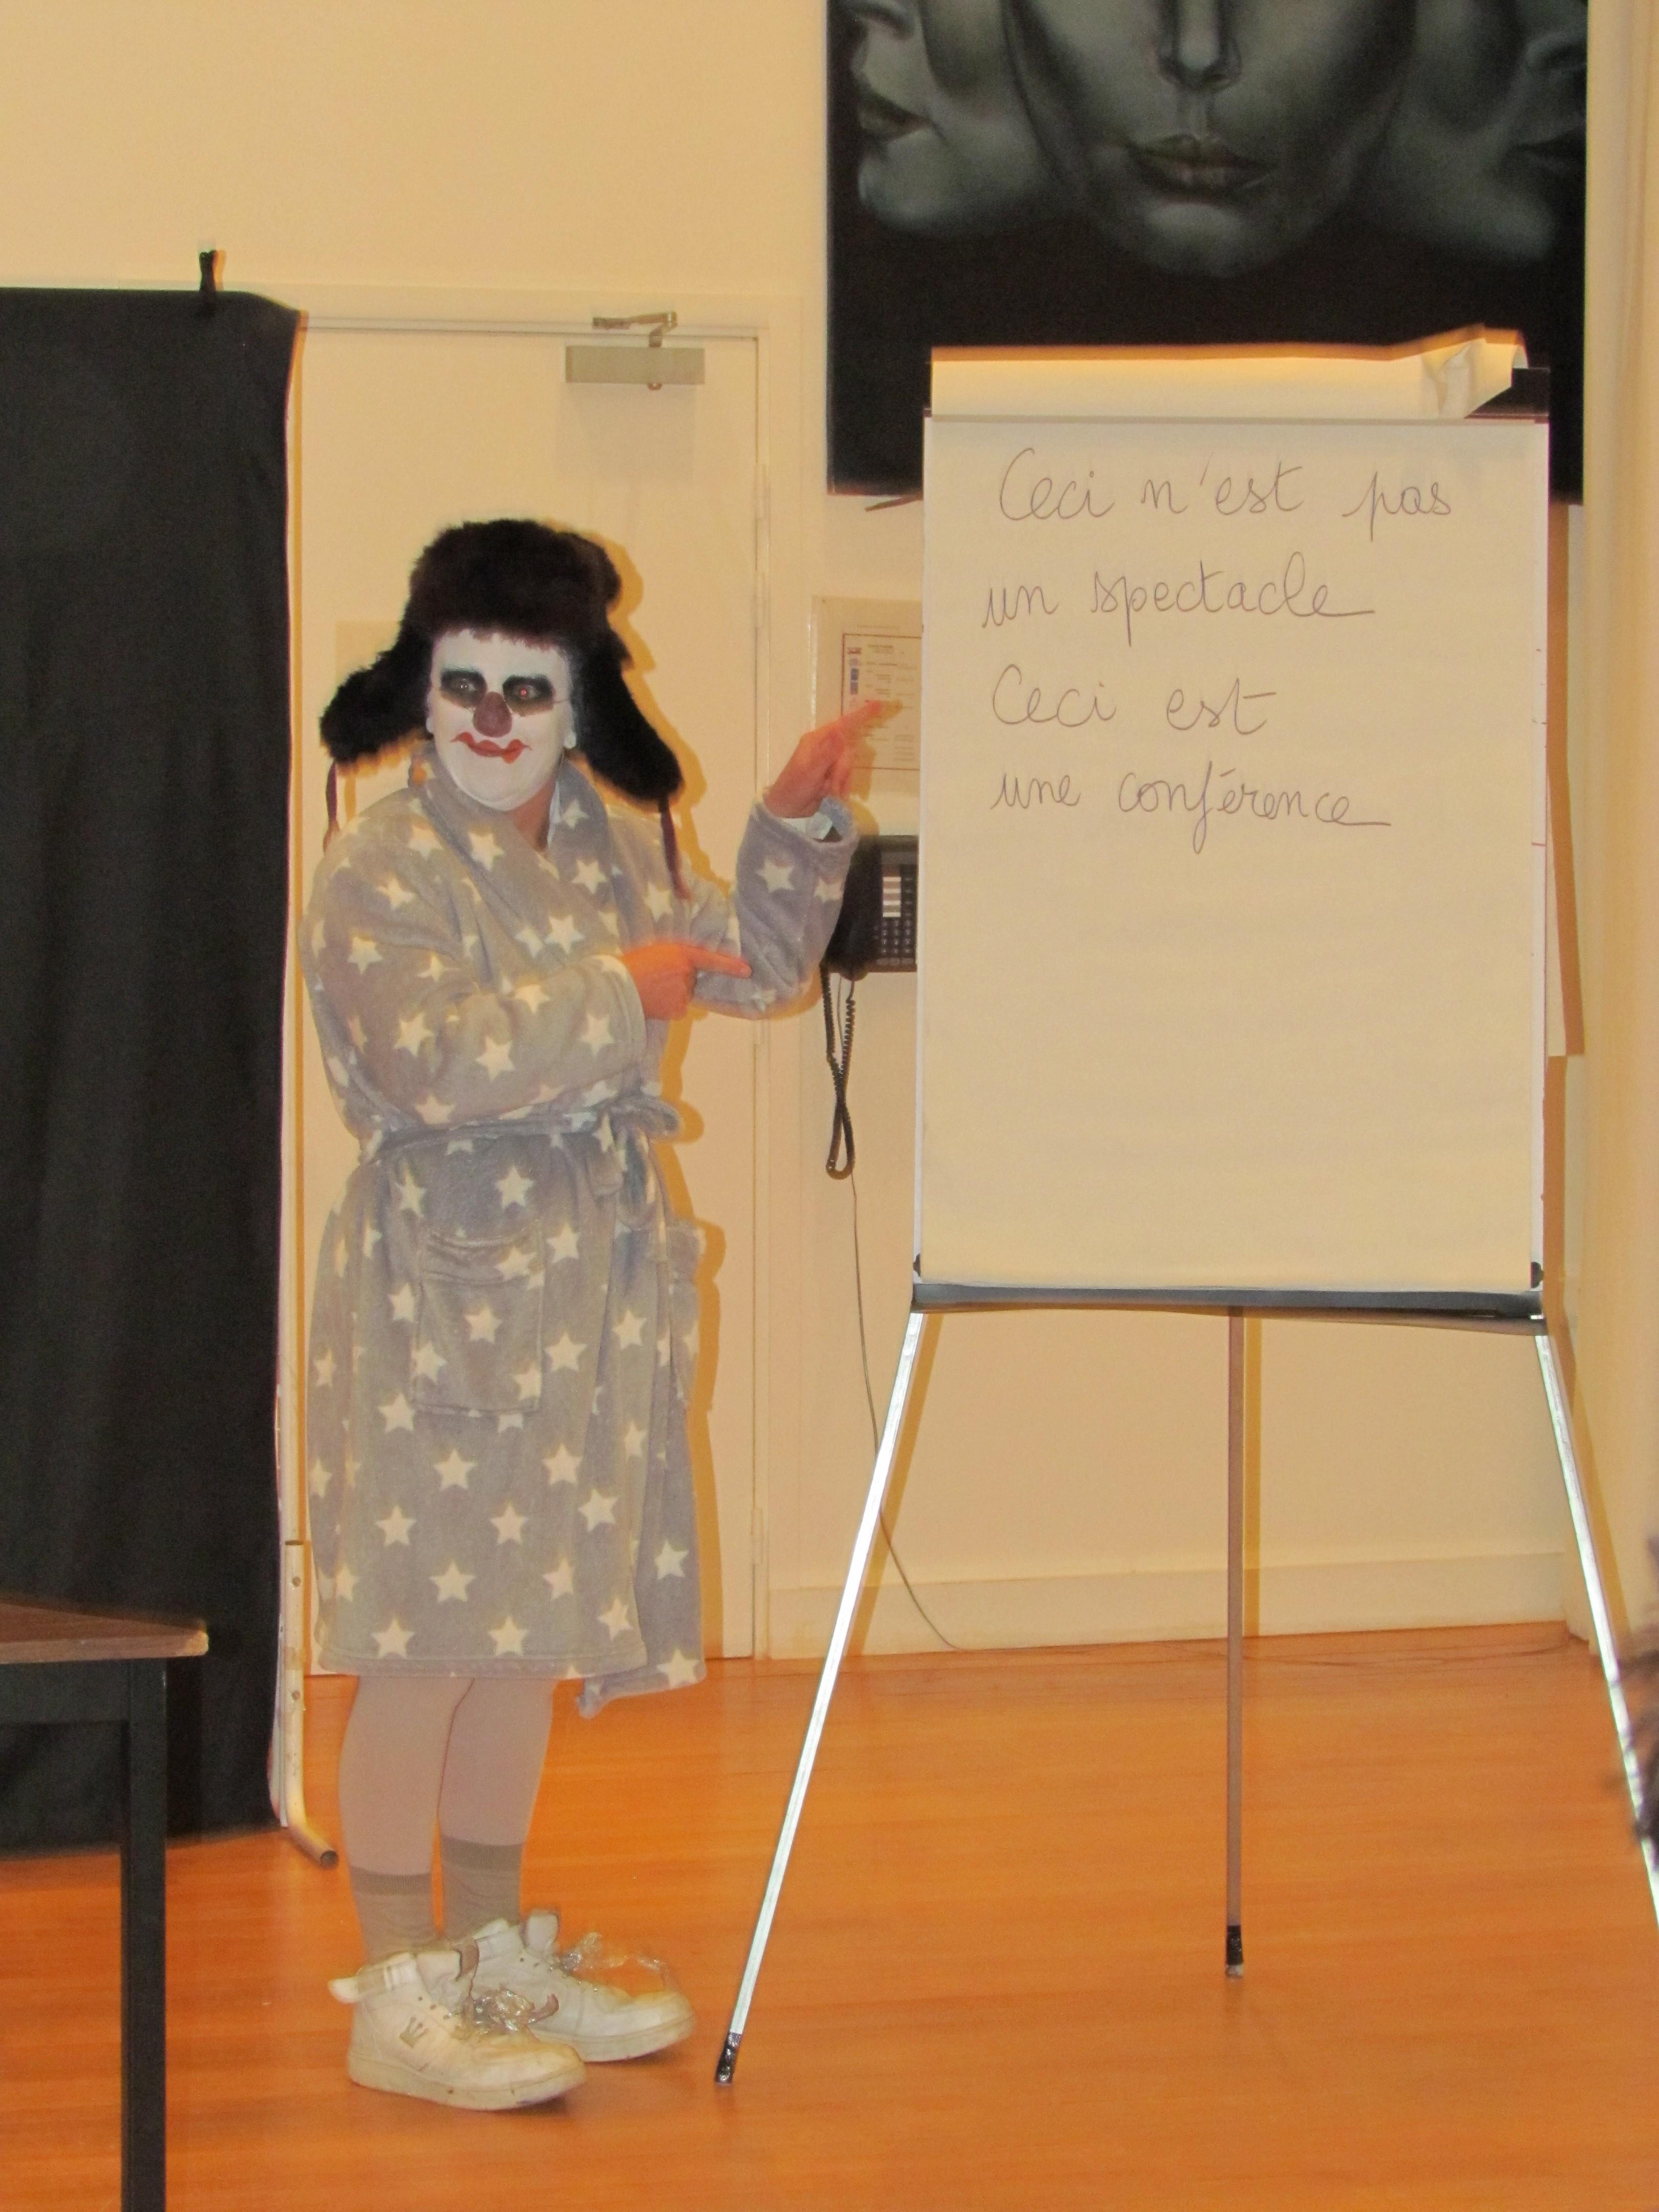 Samedi 5 novembre - Conférence sur le rire par Prosperpine